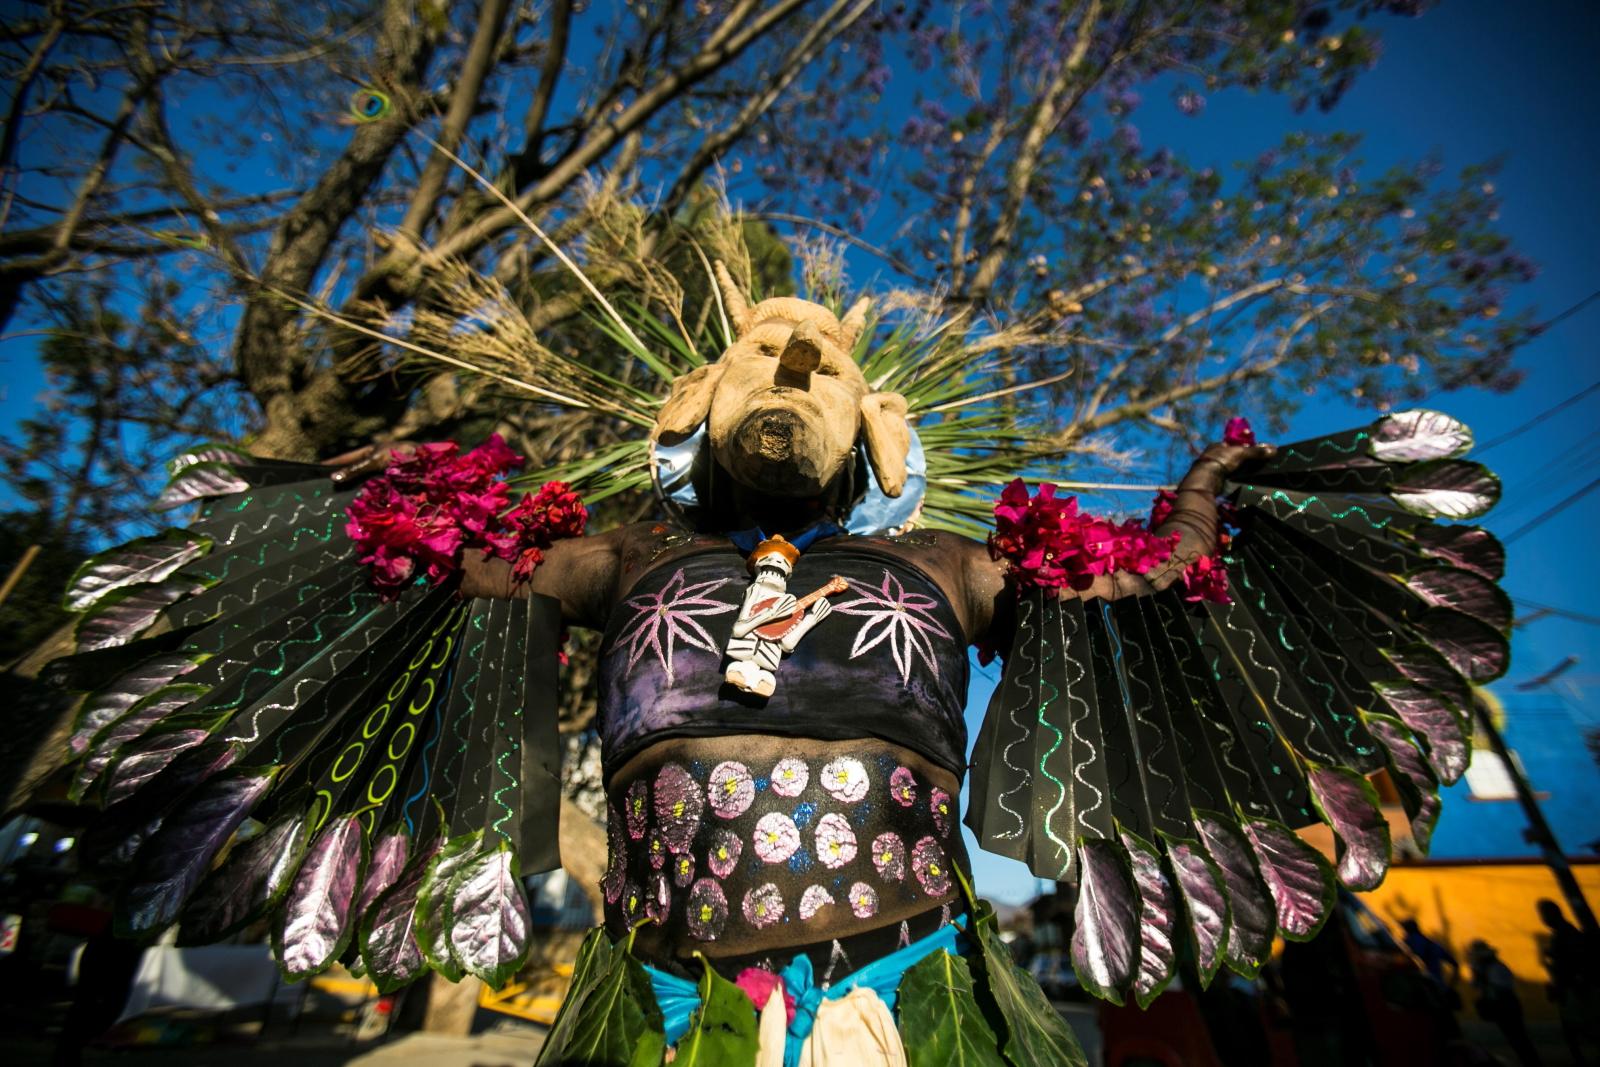 Karnawał w Meksyku. Fot. PAP/EPA/Mario Arturo Martinez